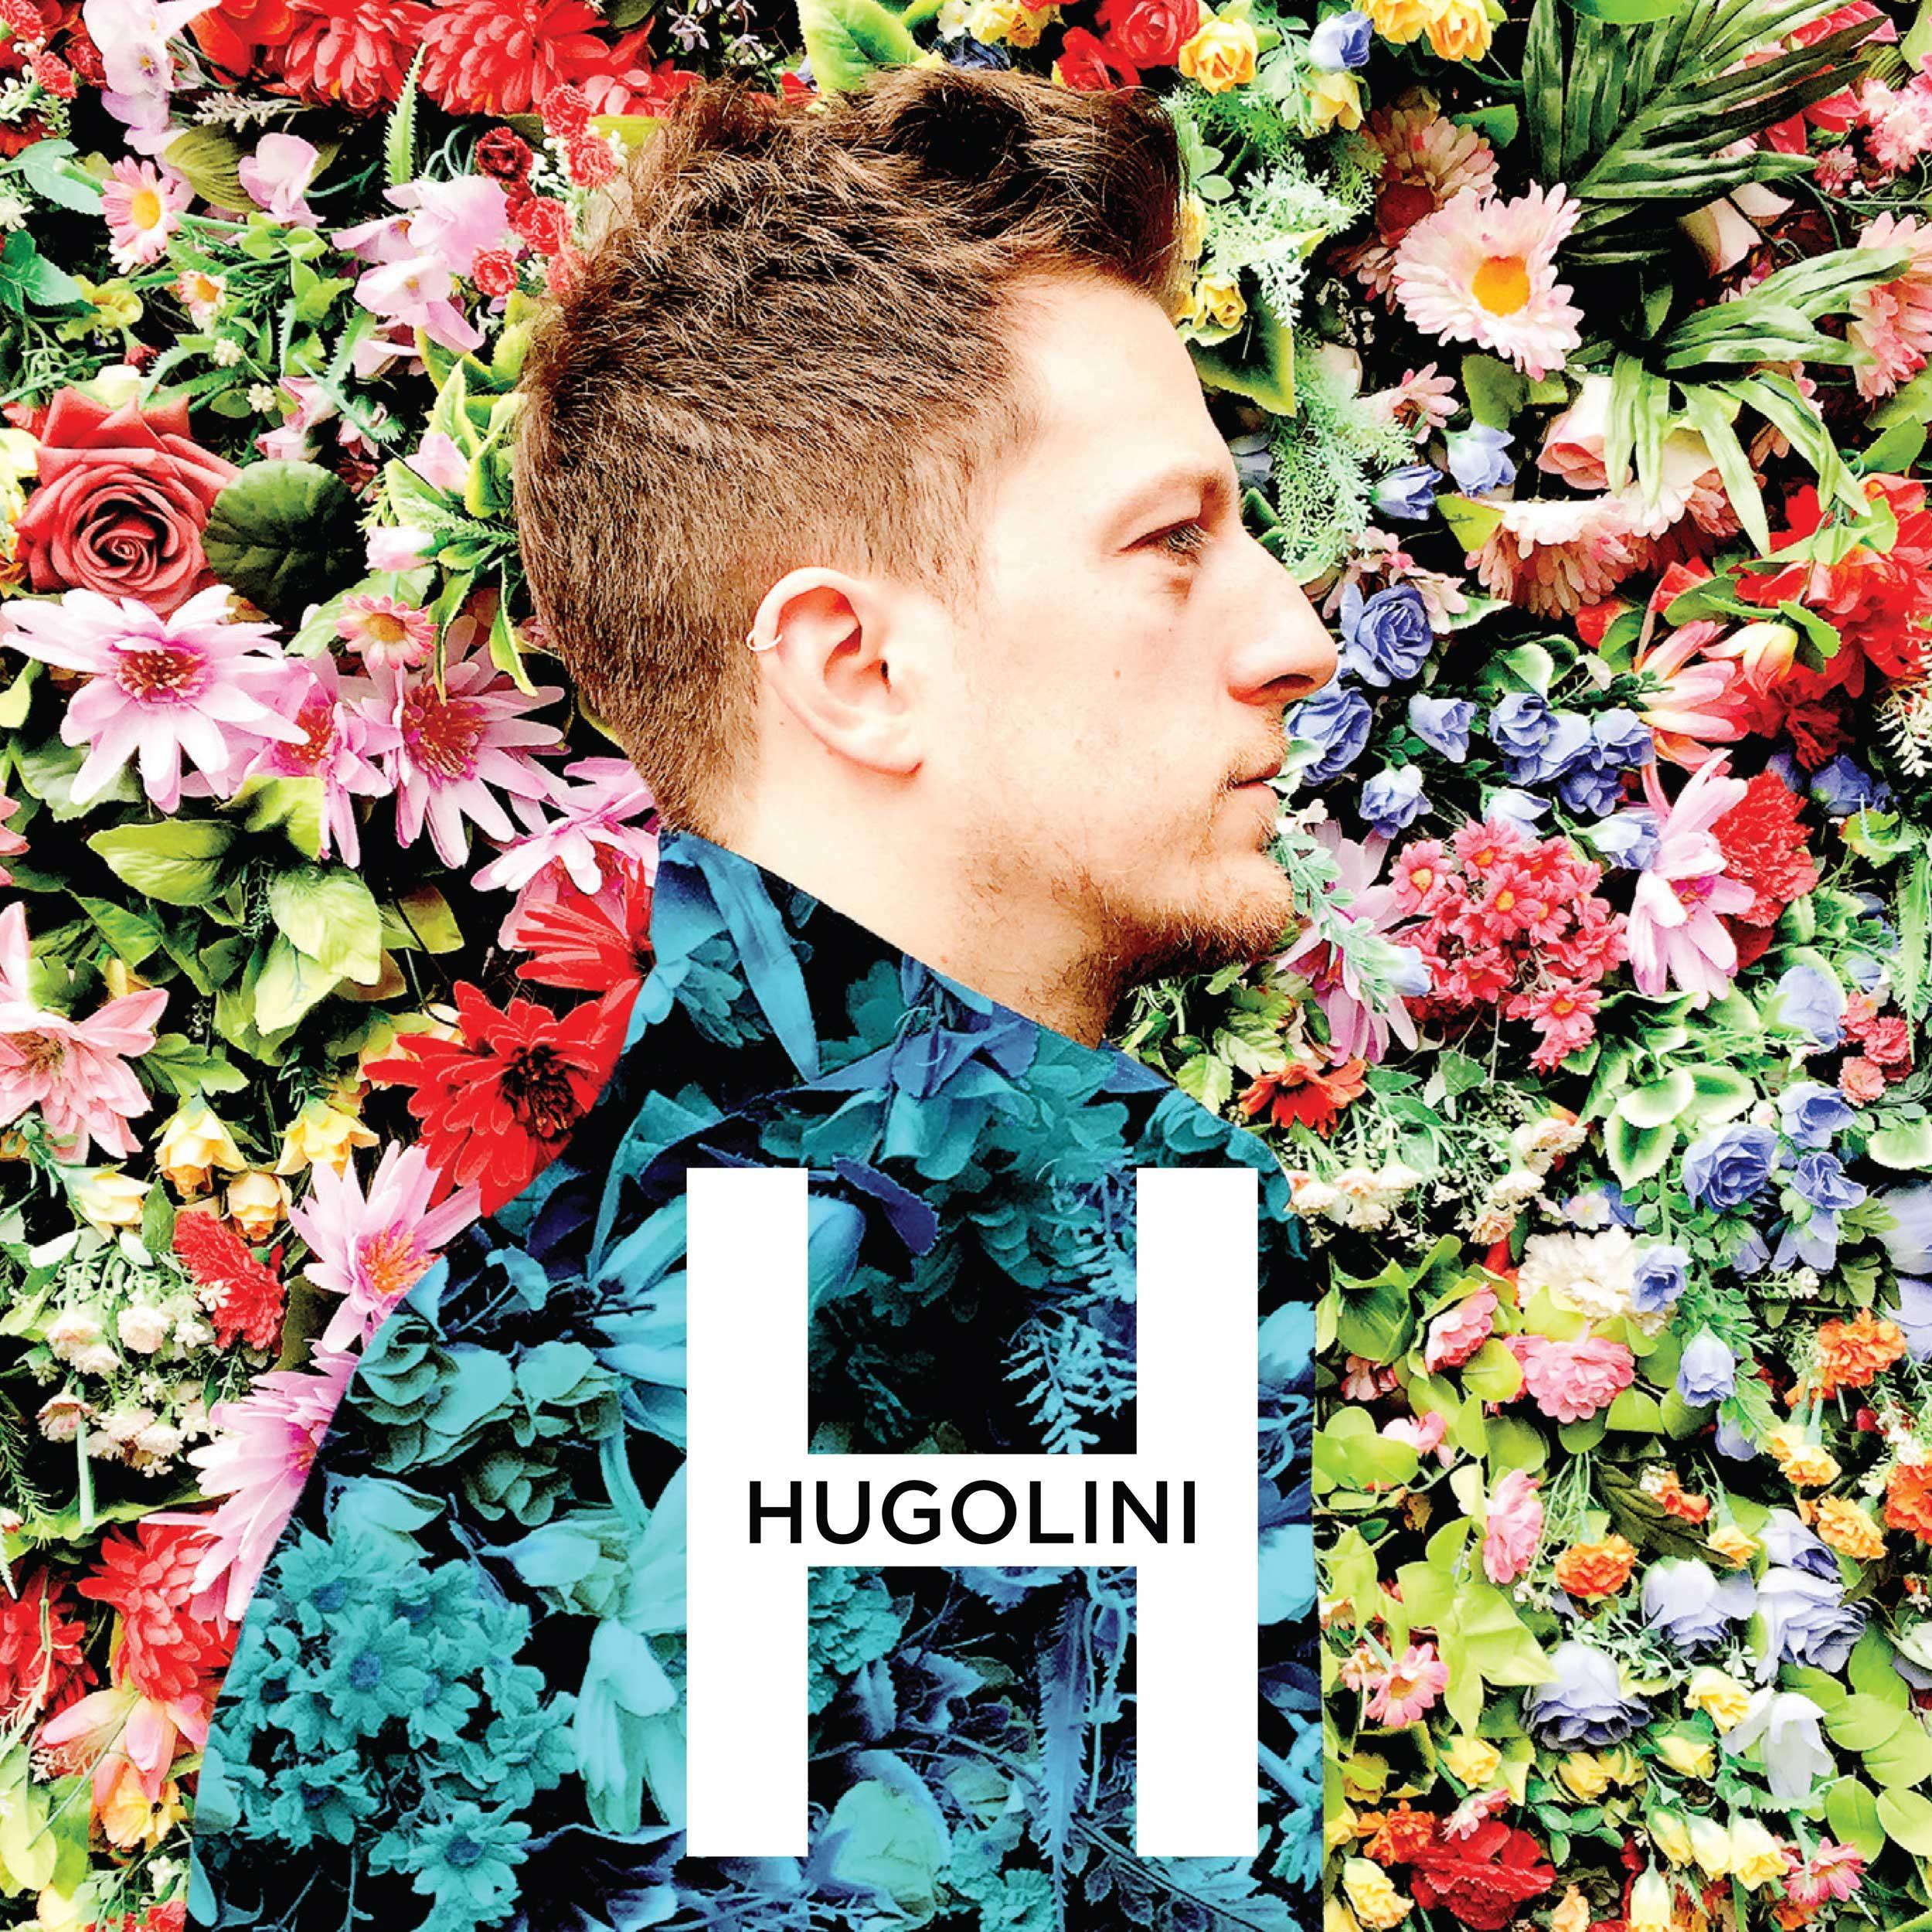 hugolini semafoto francesco gabbani concerto intervista angelo andrea vegliante blog autori fanpage musica album disco cover